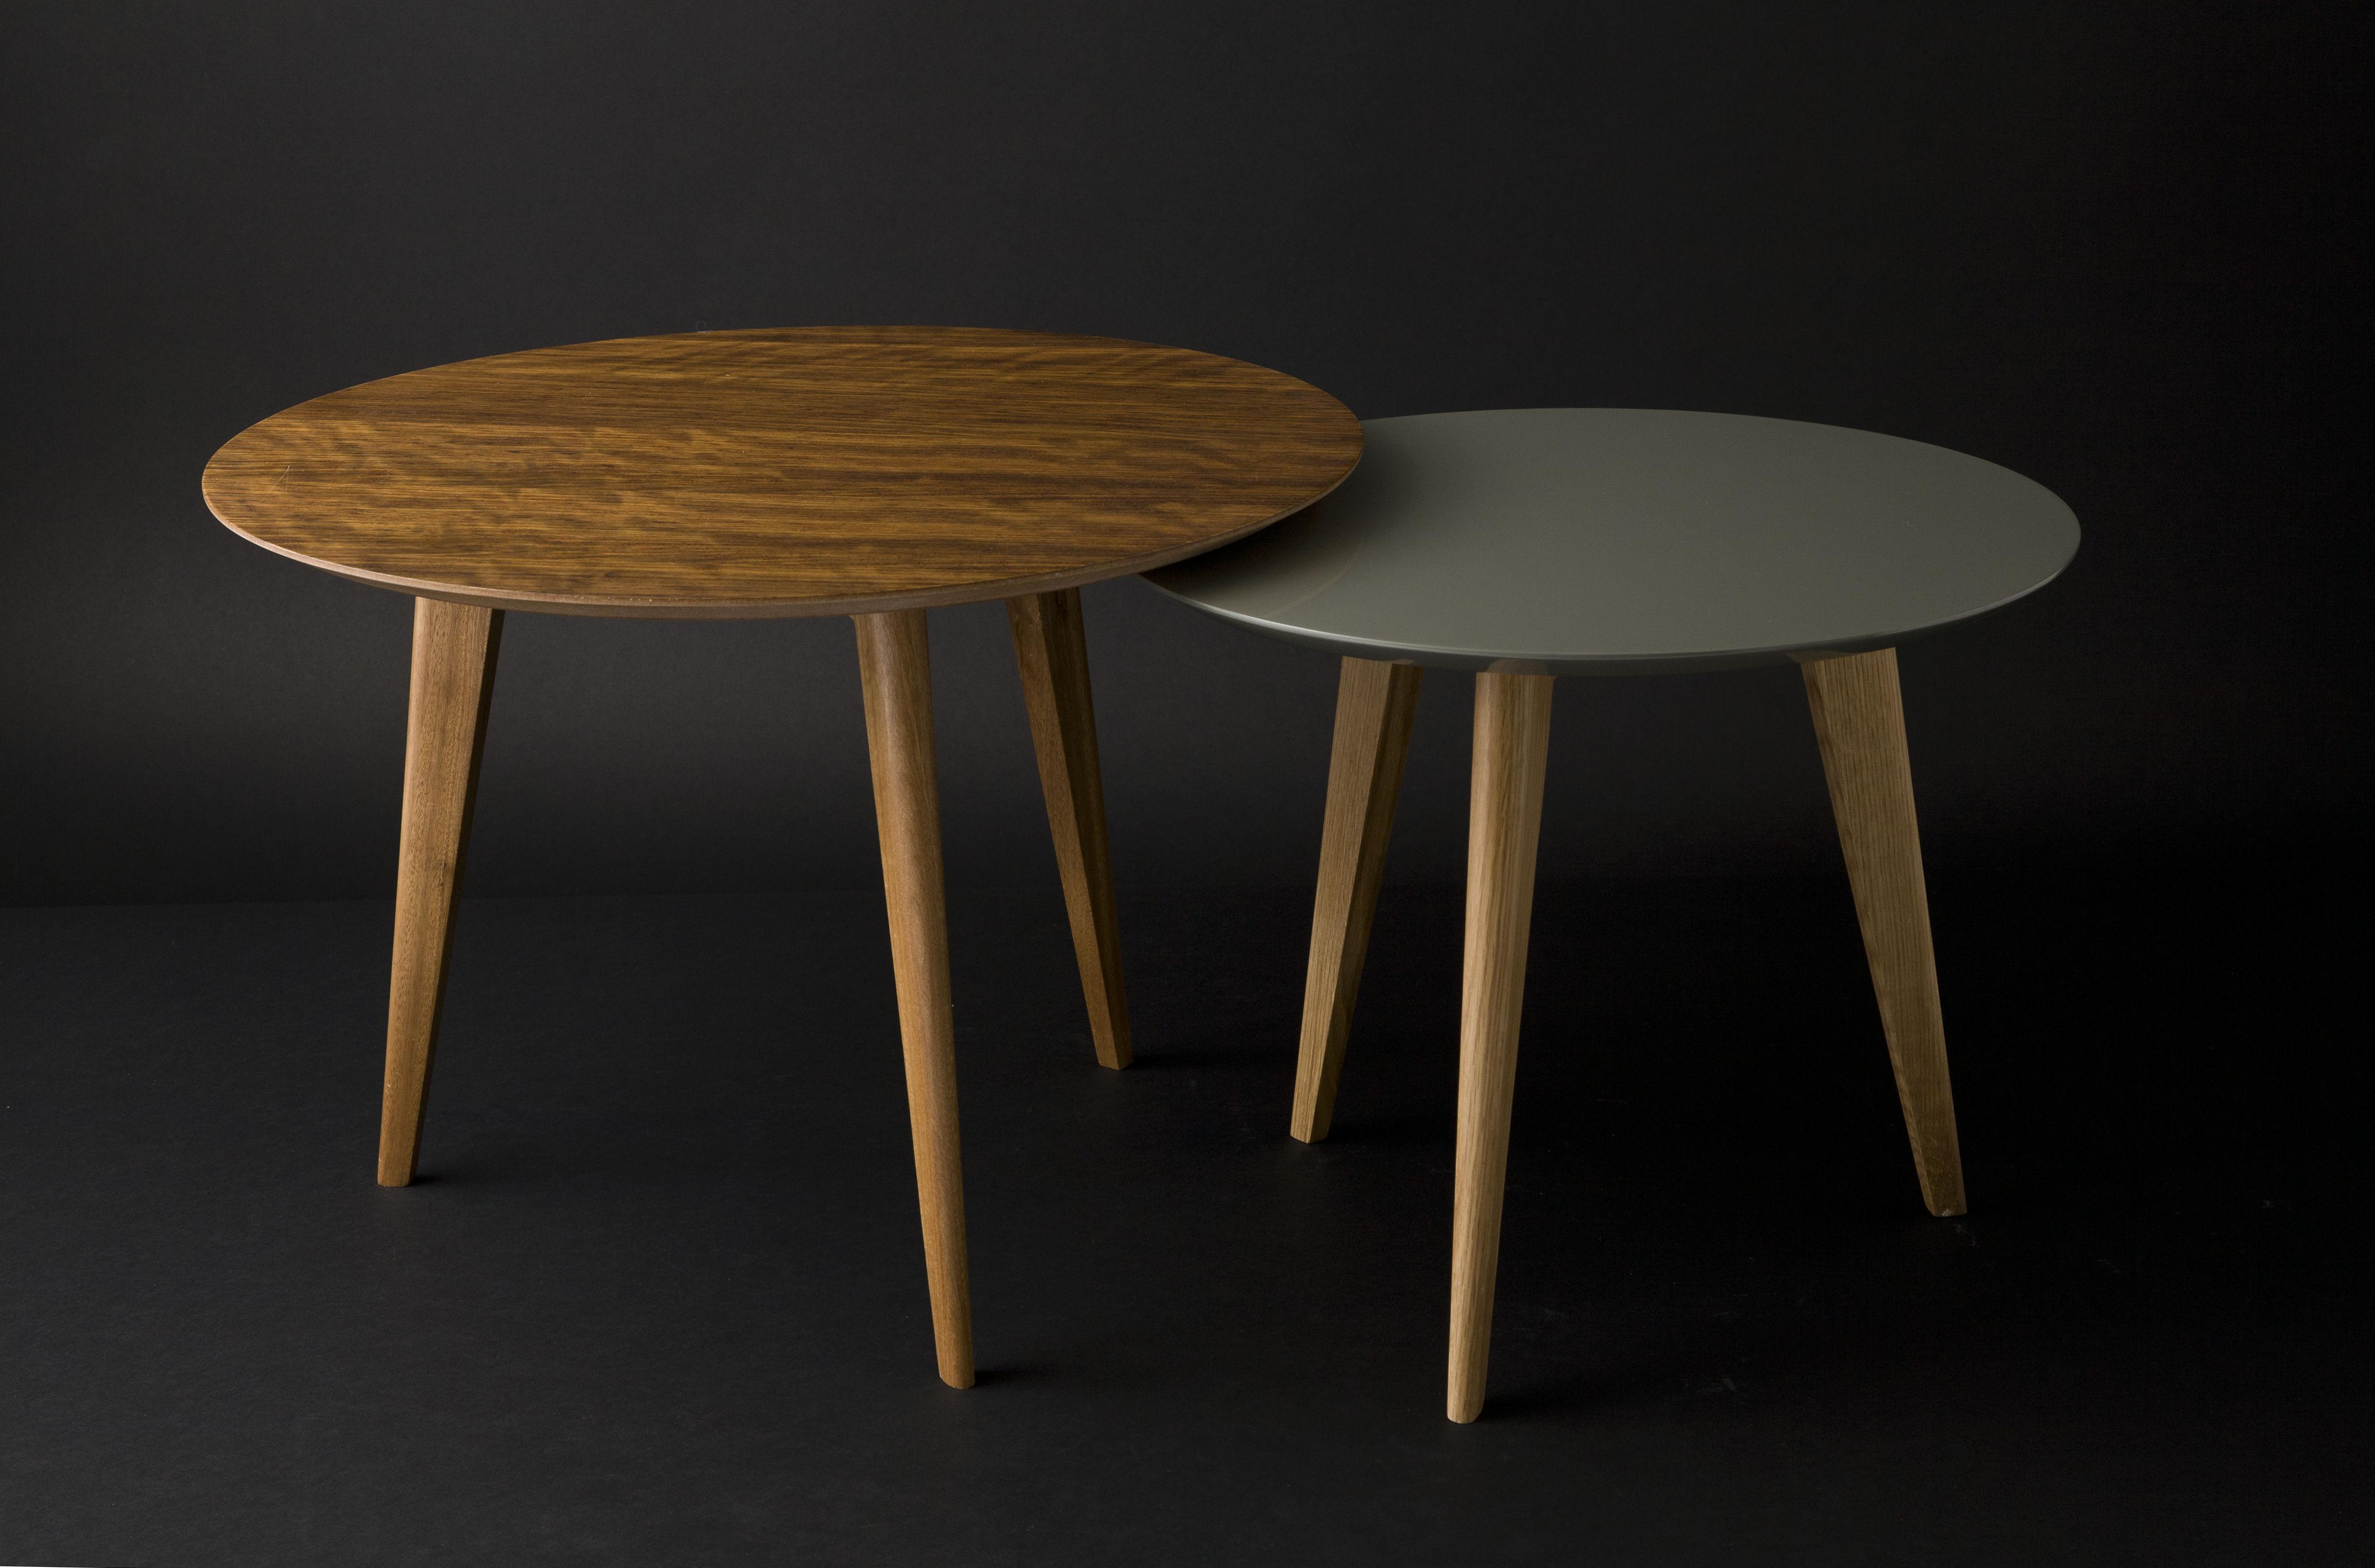 Les objets d co les plus vus en 2013 d nicher for Table 3 pieds